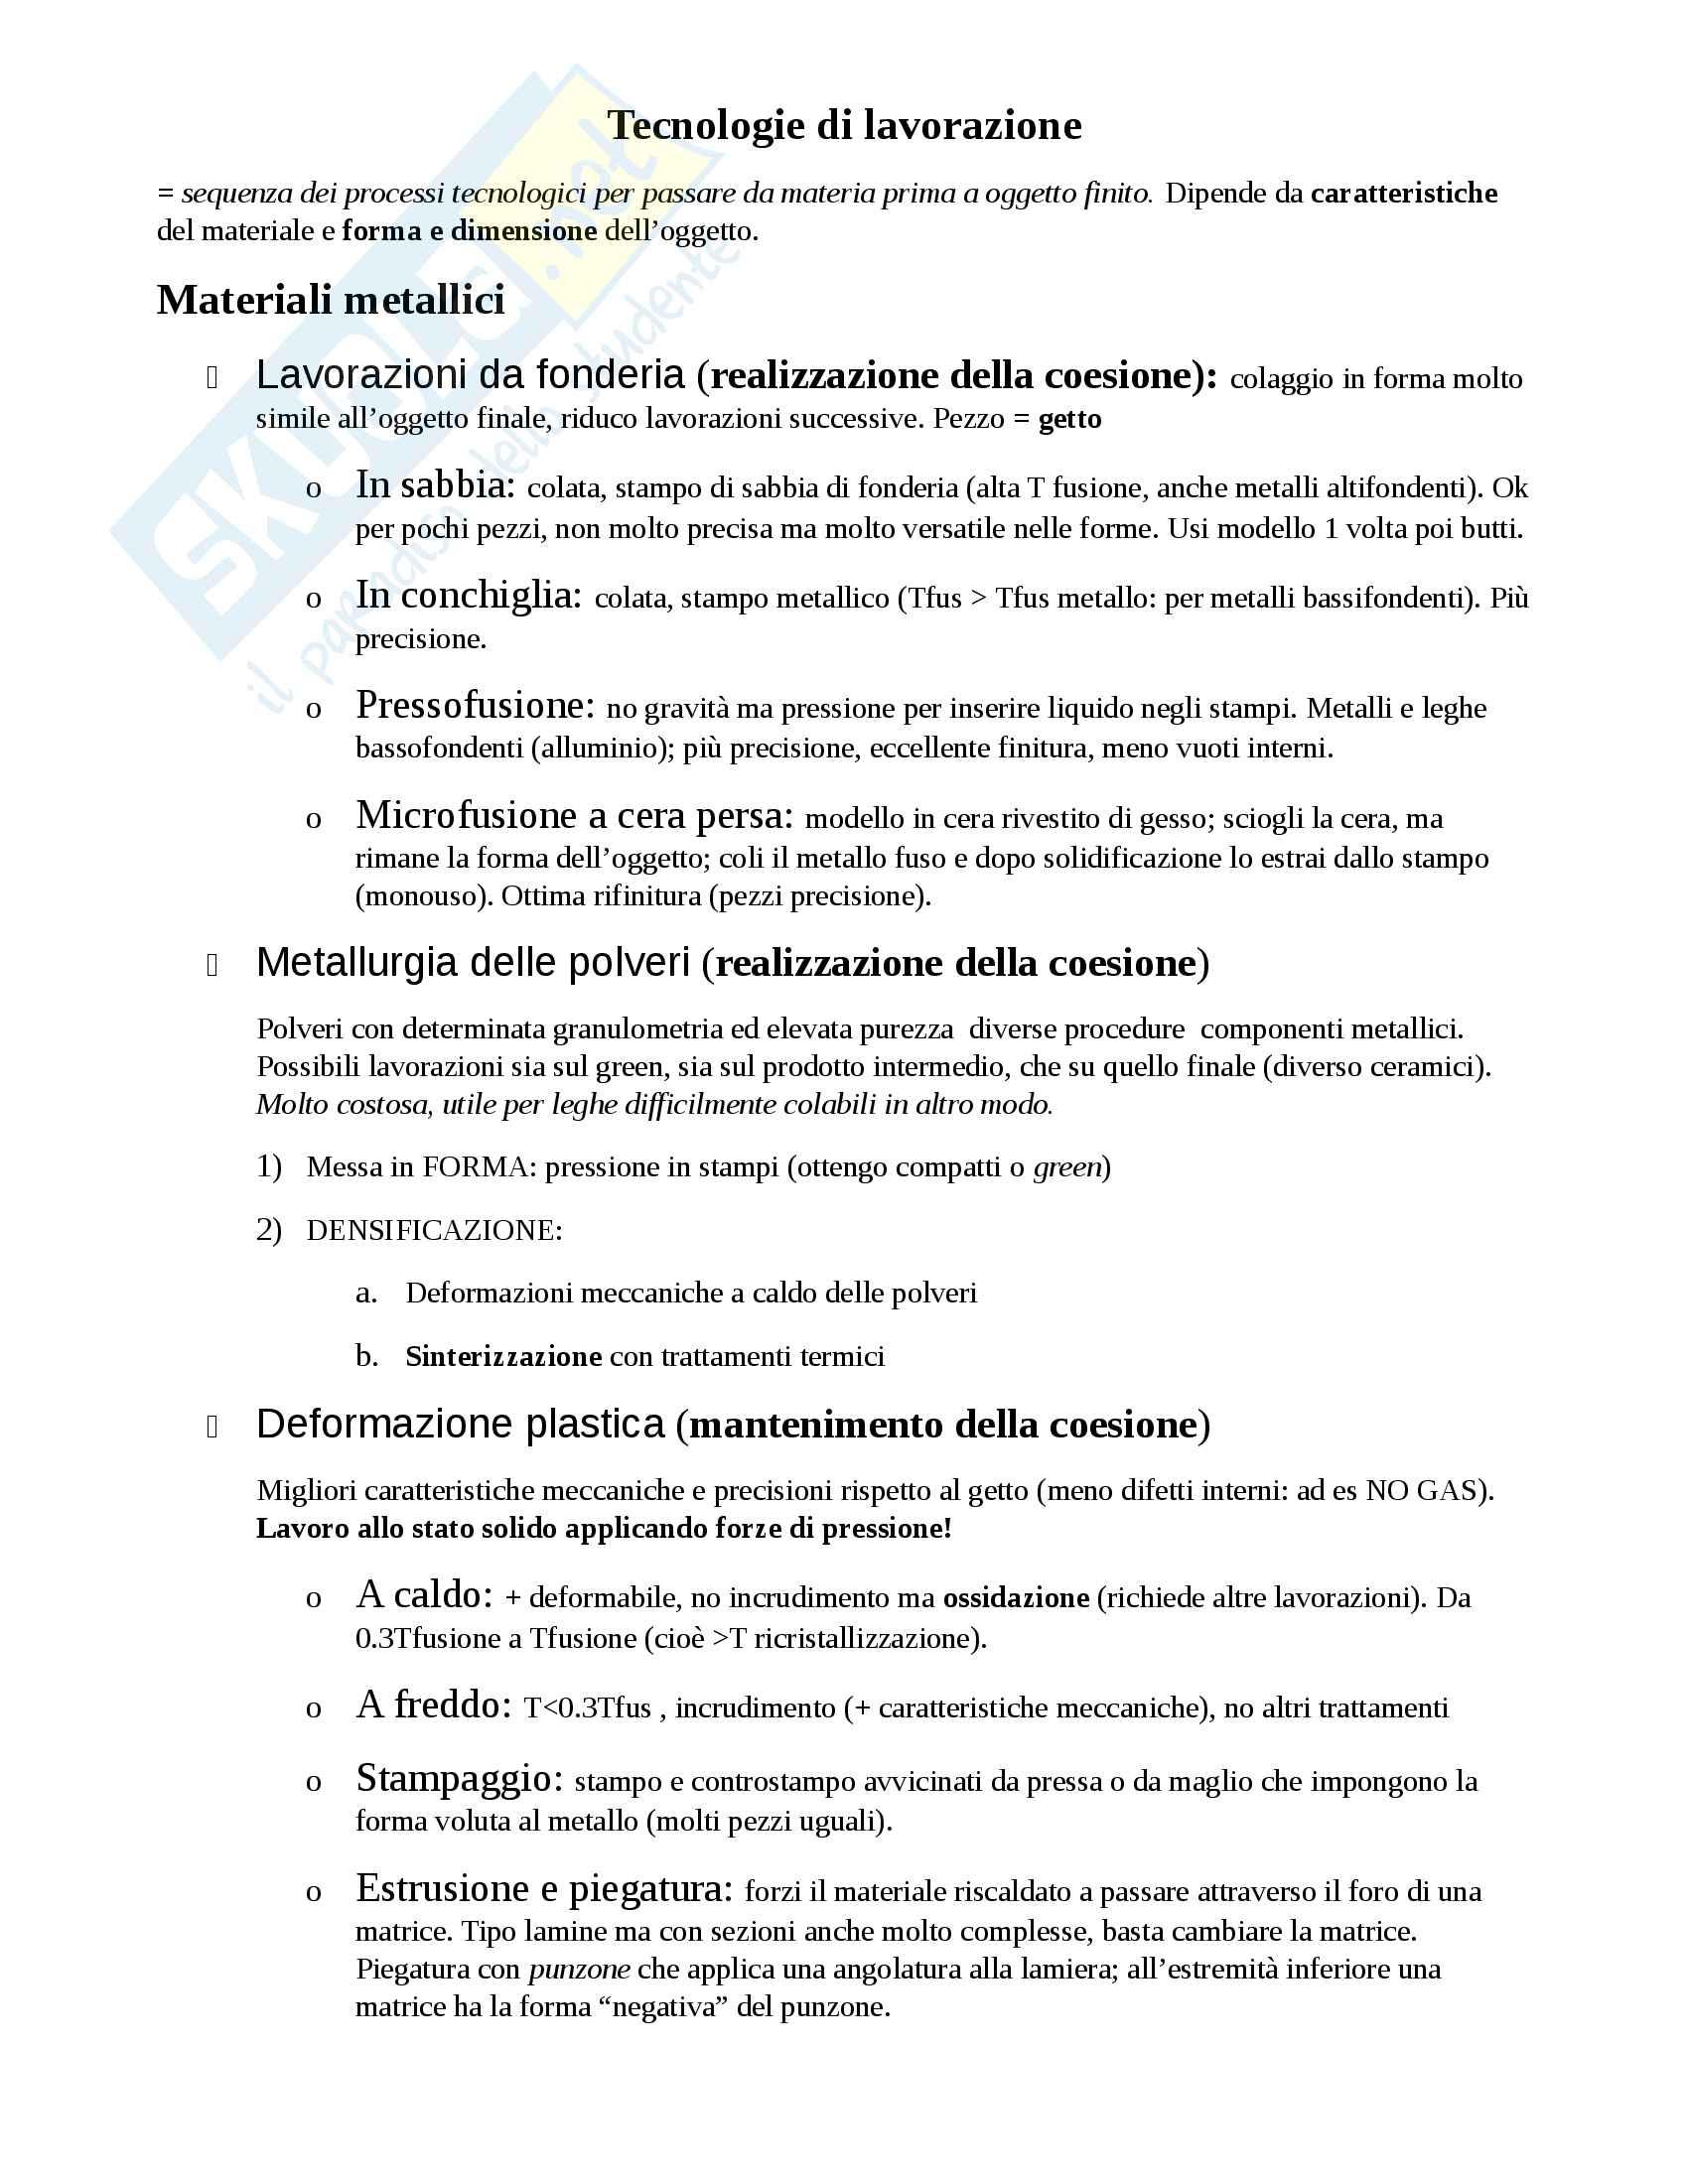 Schema tecniche di lavorazione materiali